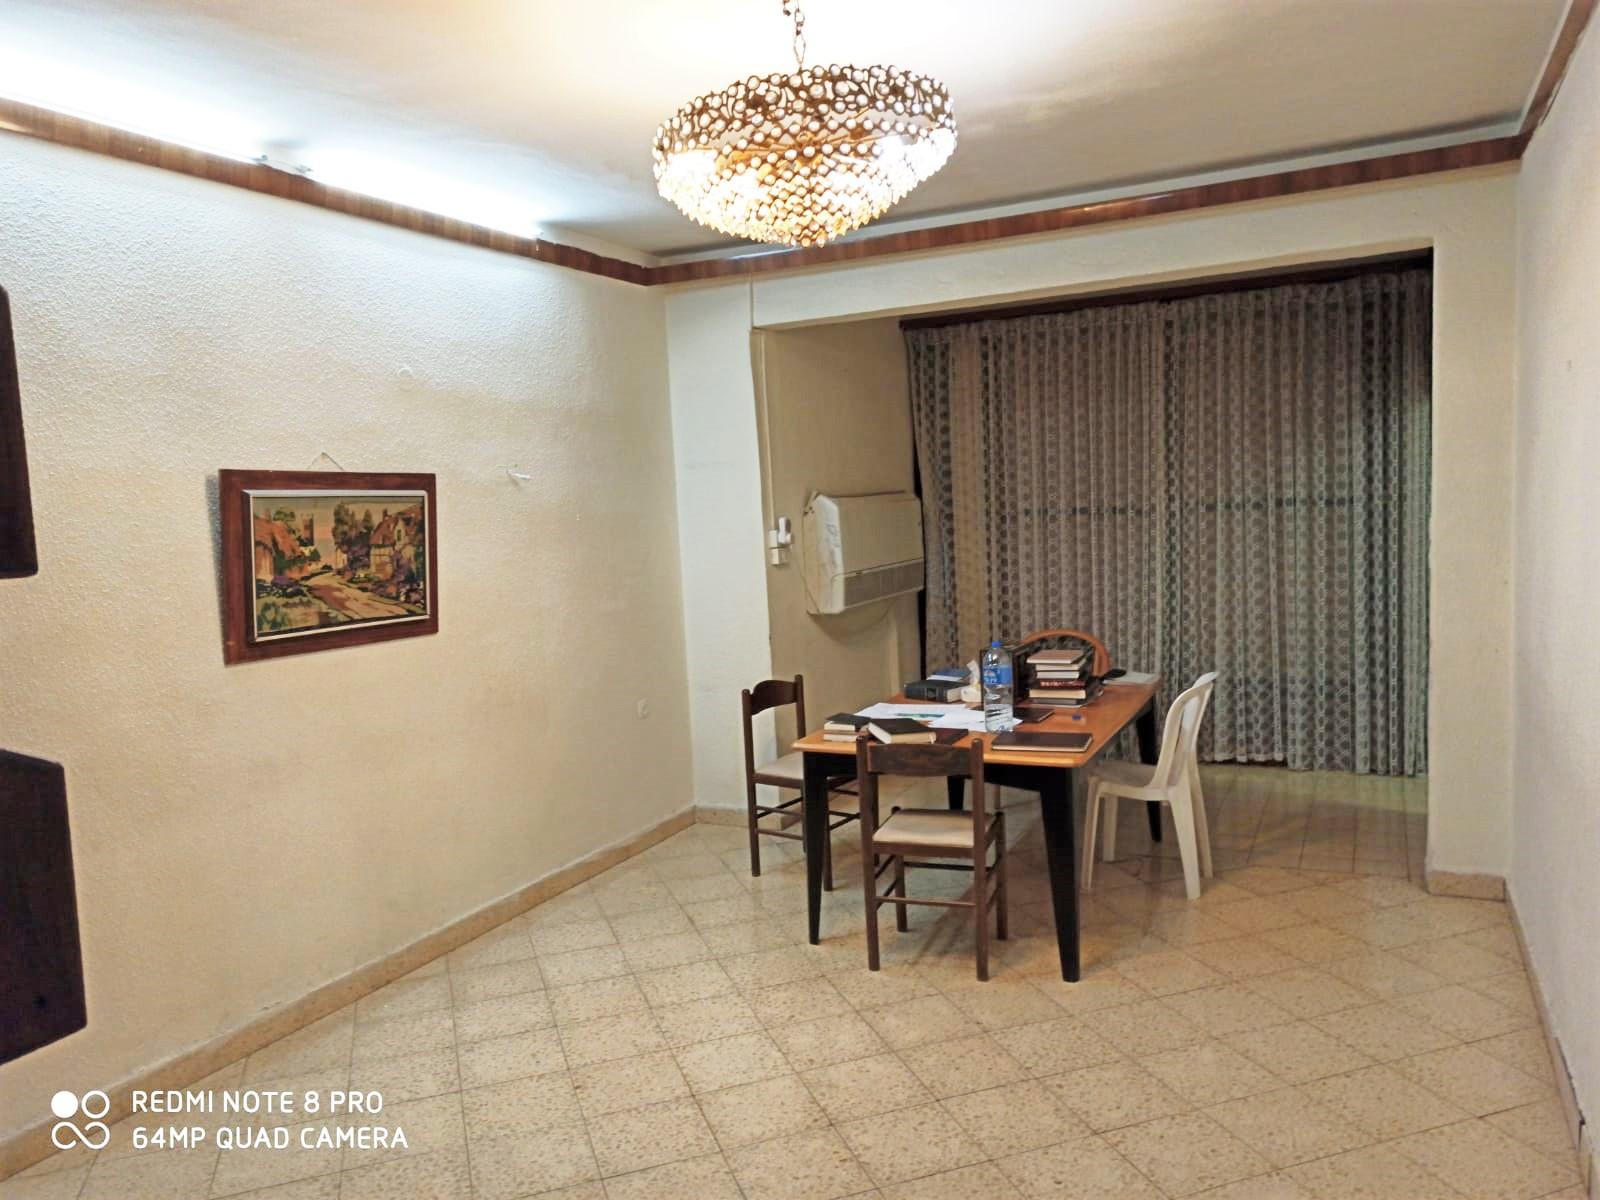 פתח תקוה דירה למכירה 3.5 חדרים 1,600,000₪, פתח תקוה